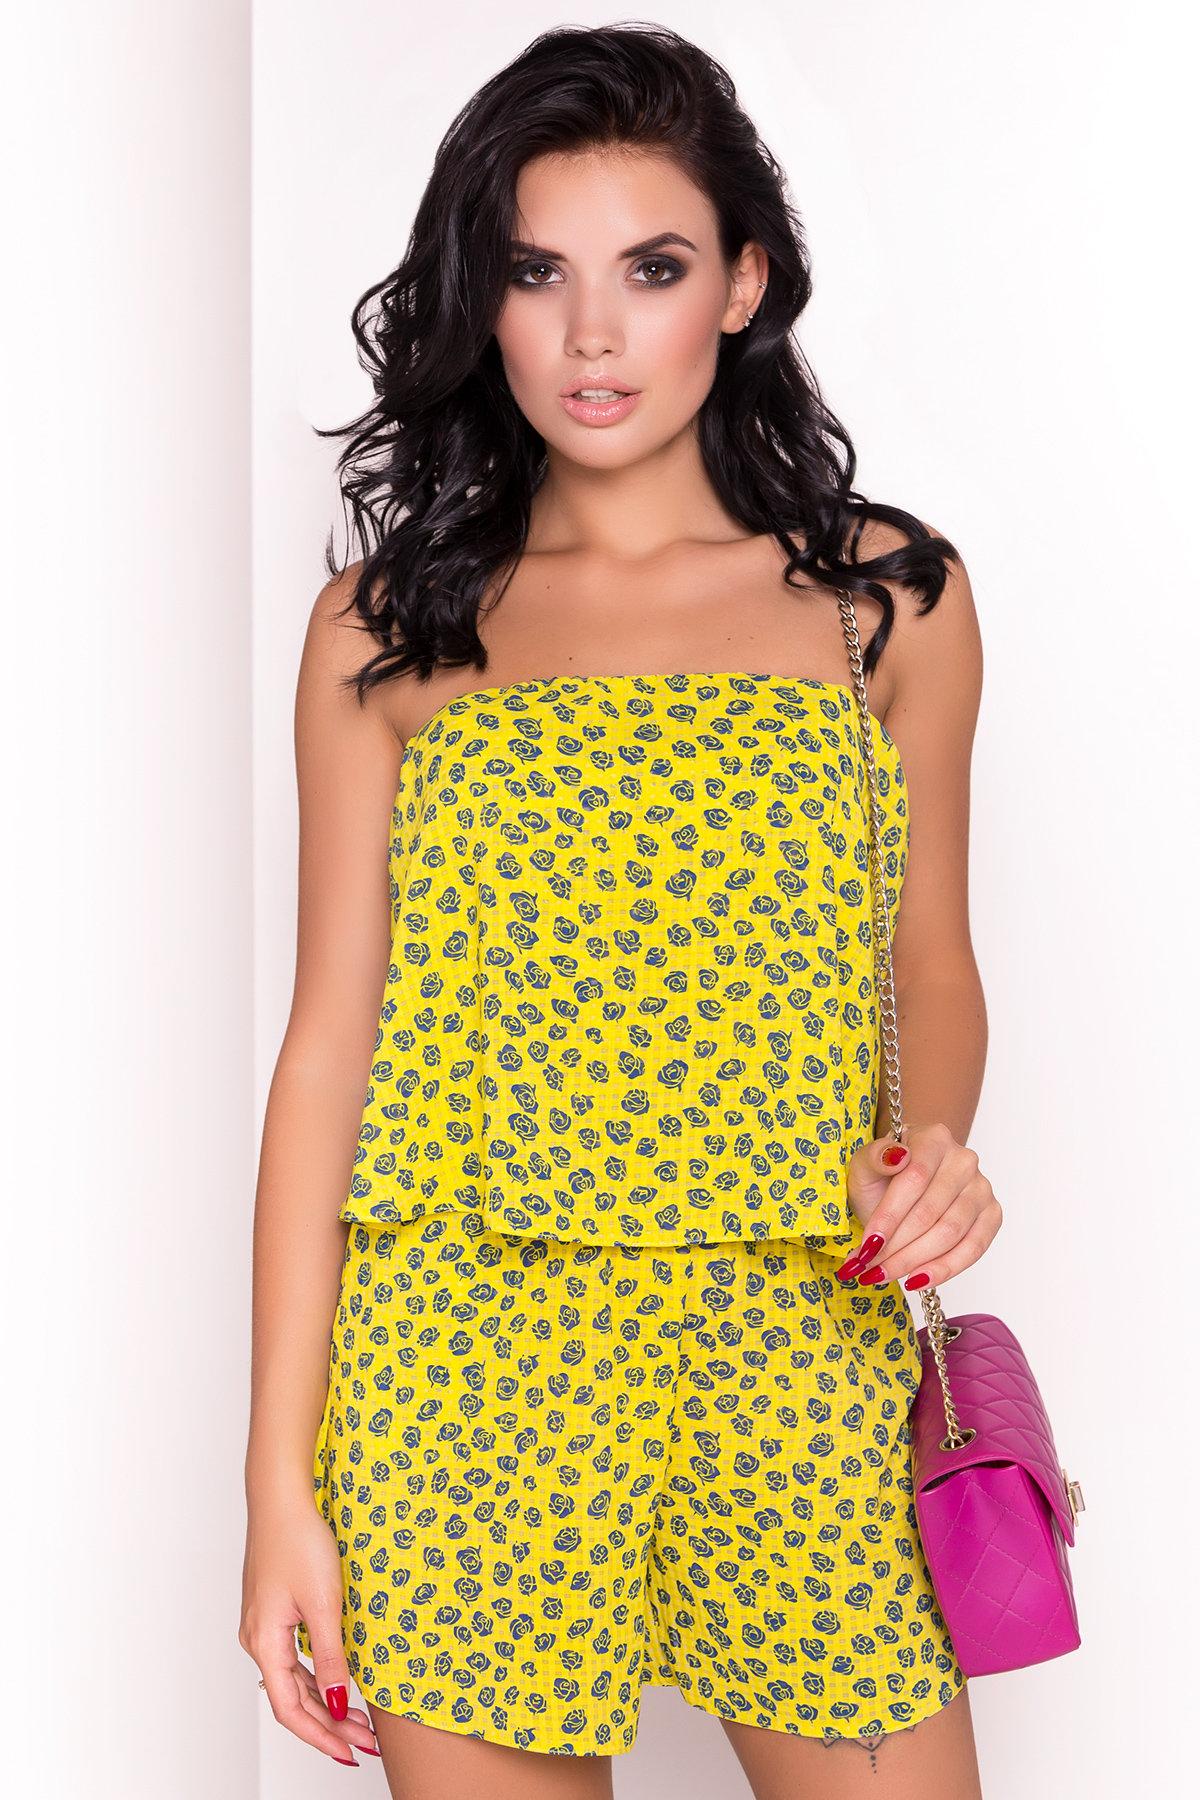 TW Комбинезон Никки 5261 АРТ. 36508 Цвет: Желтый розы темно-синие - фото 2, интернет магазин tm-modus.ru